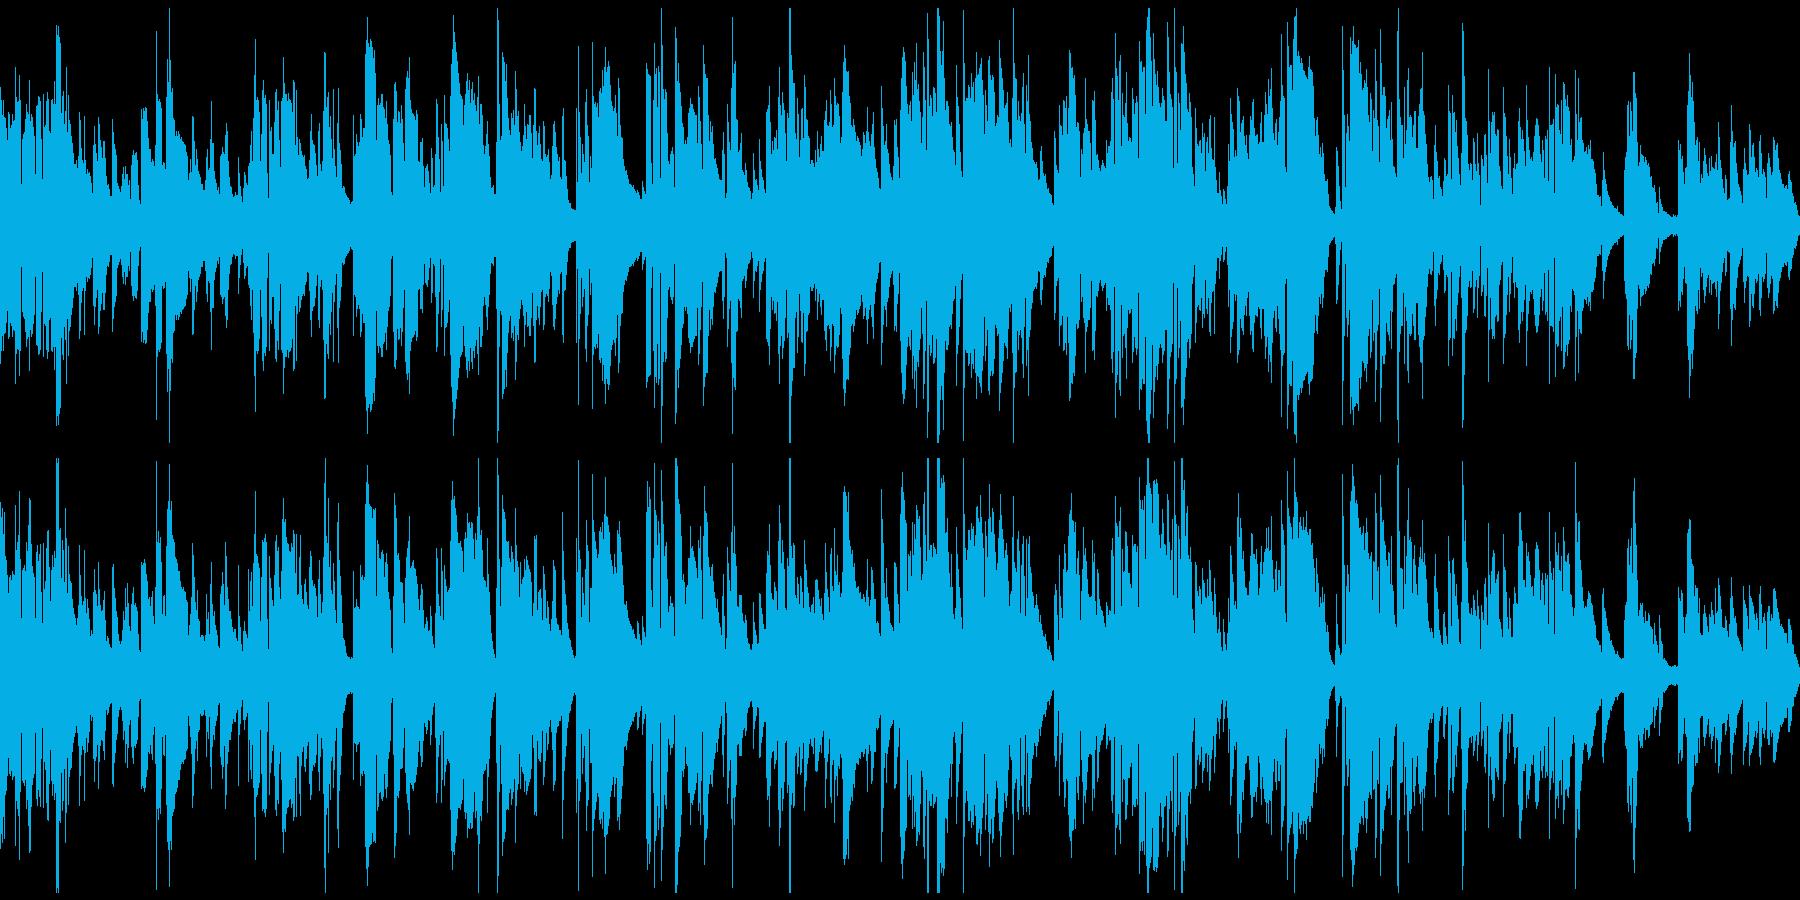 アダルティなバラードサックス ※ループ版の再生済みの波形